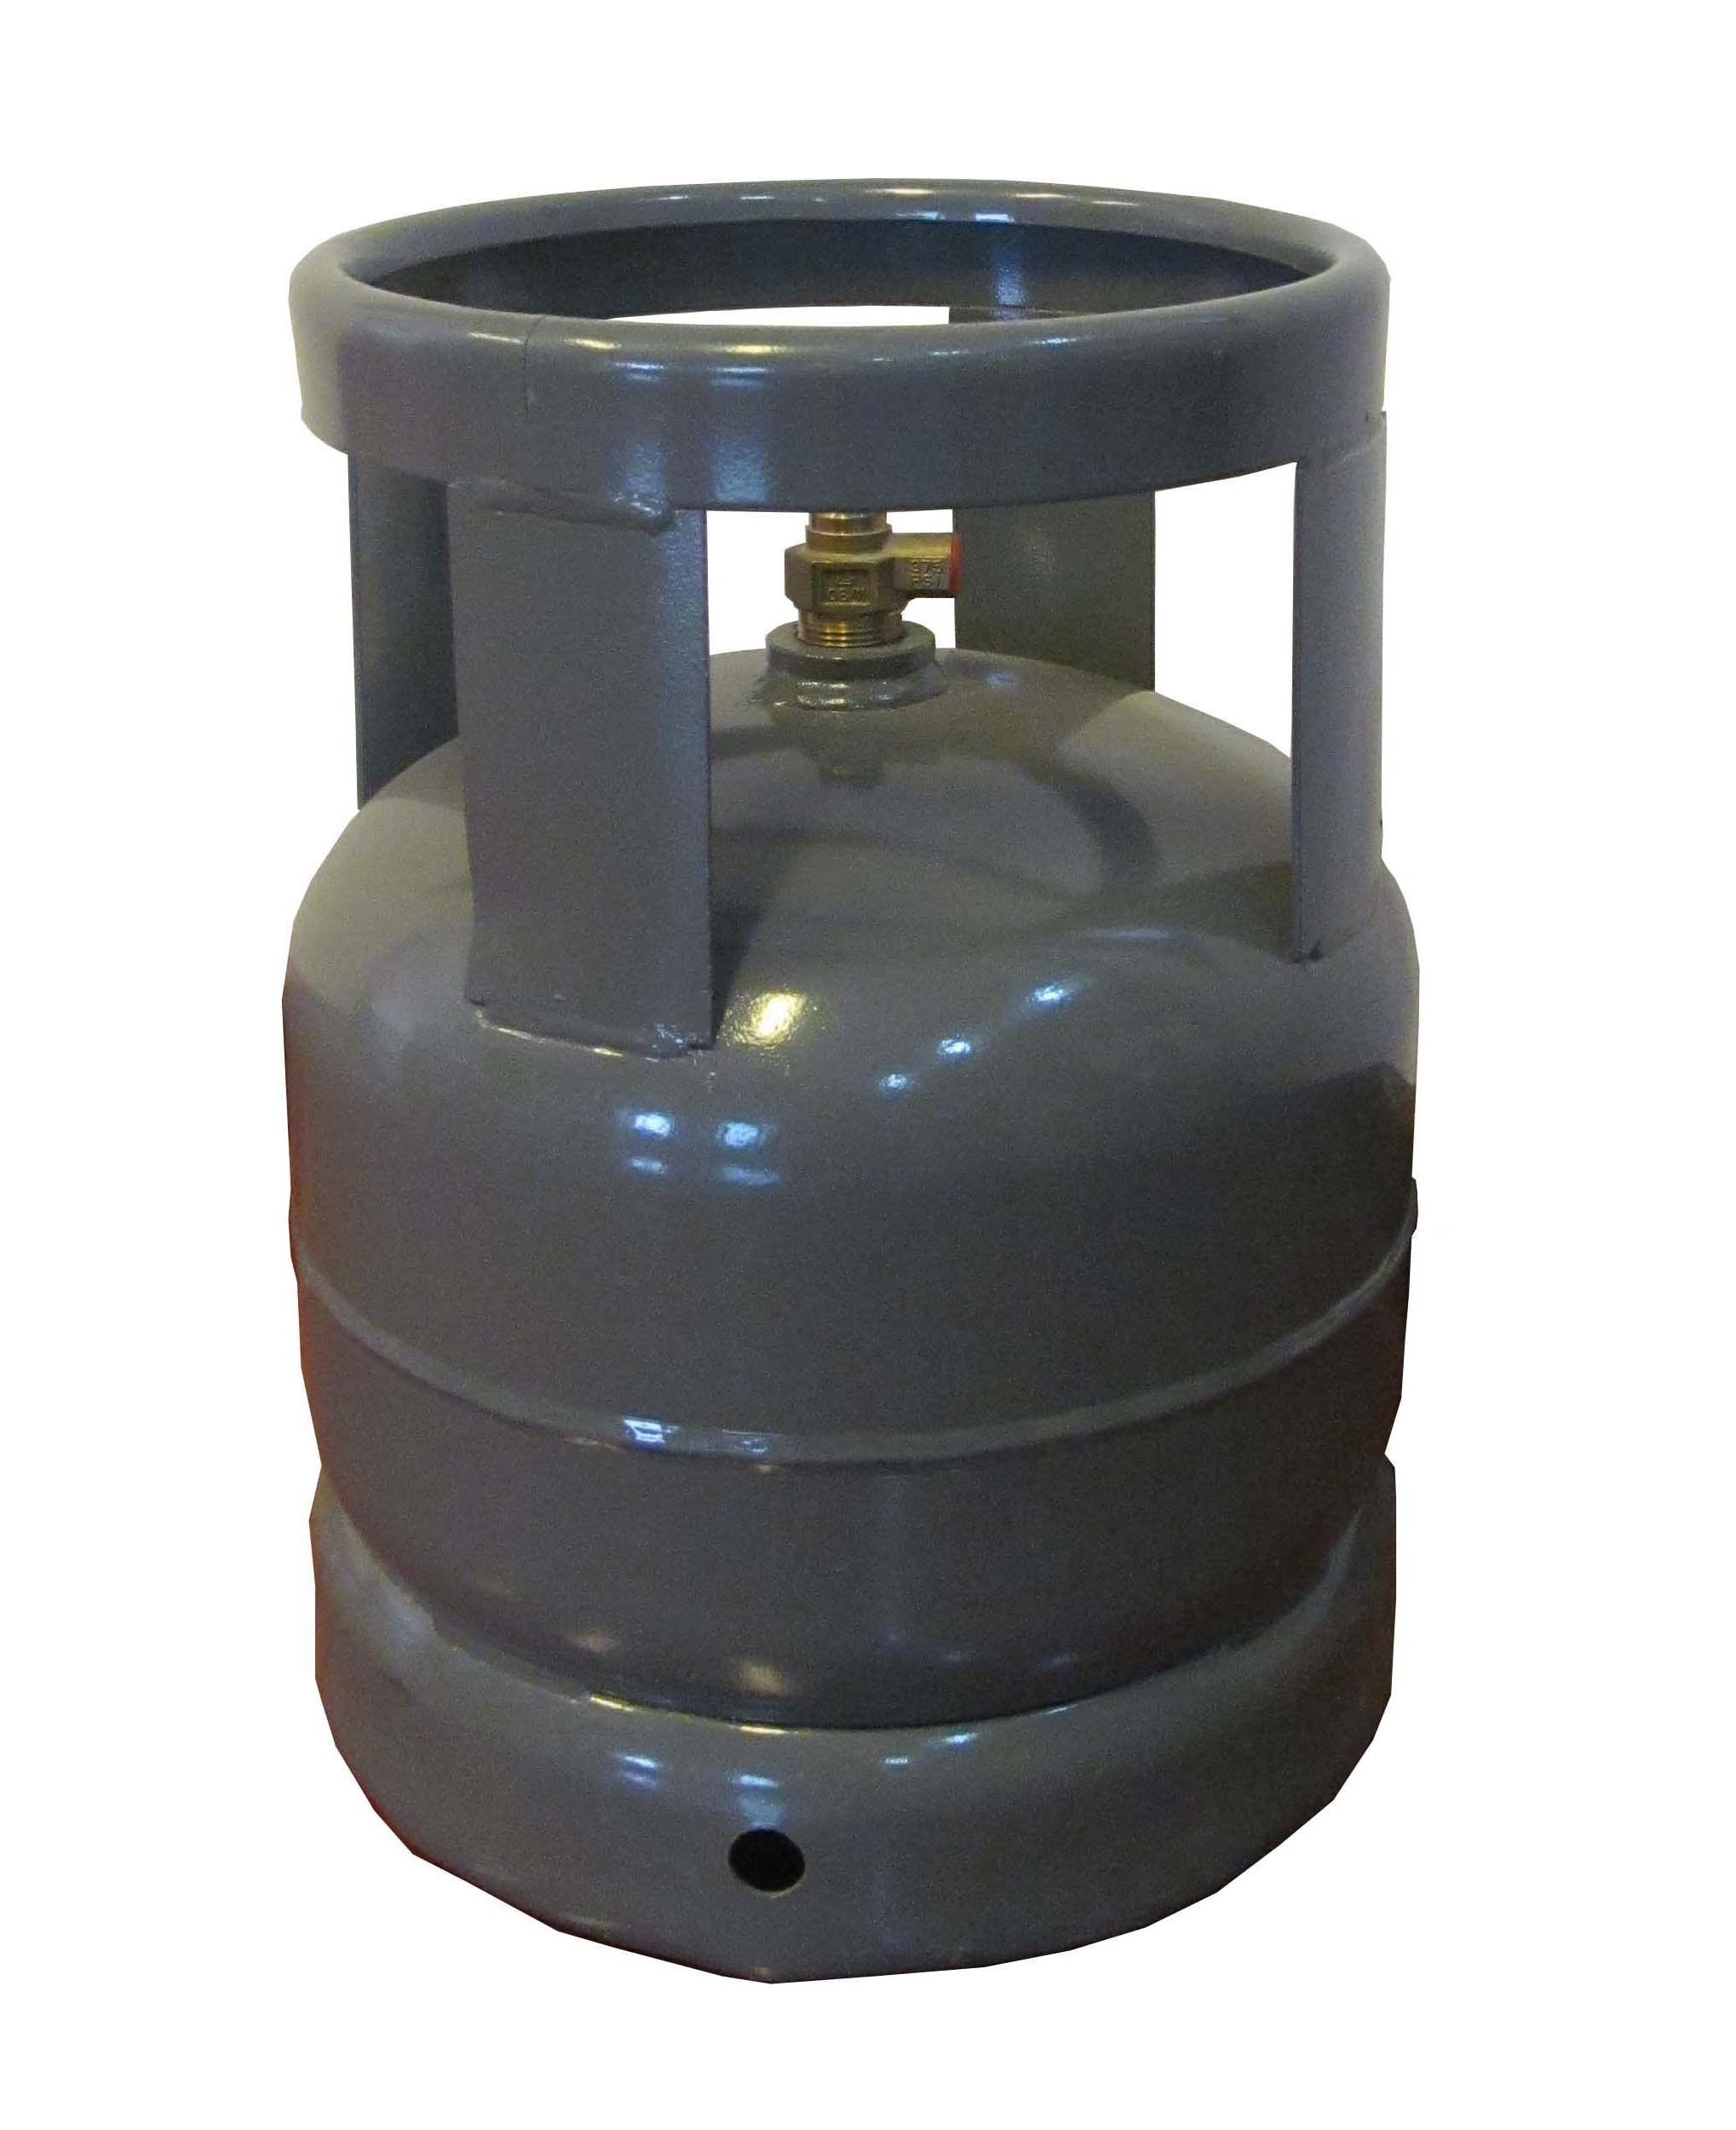 Camera che cucina la bombola per gas di gpl 1237 camera che cucina la bombola per gas di gpl - Bombola gas cucina prezzo ...